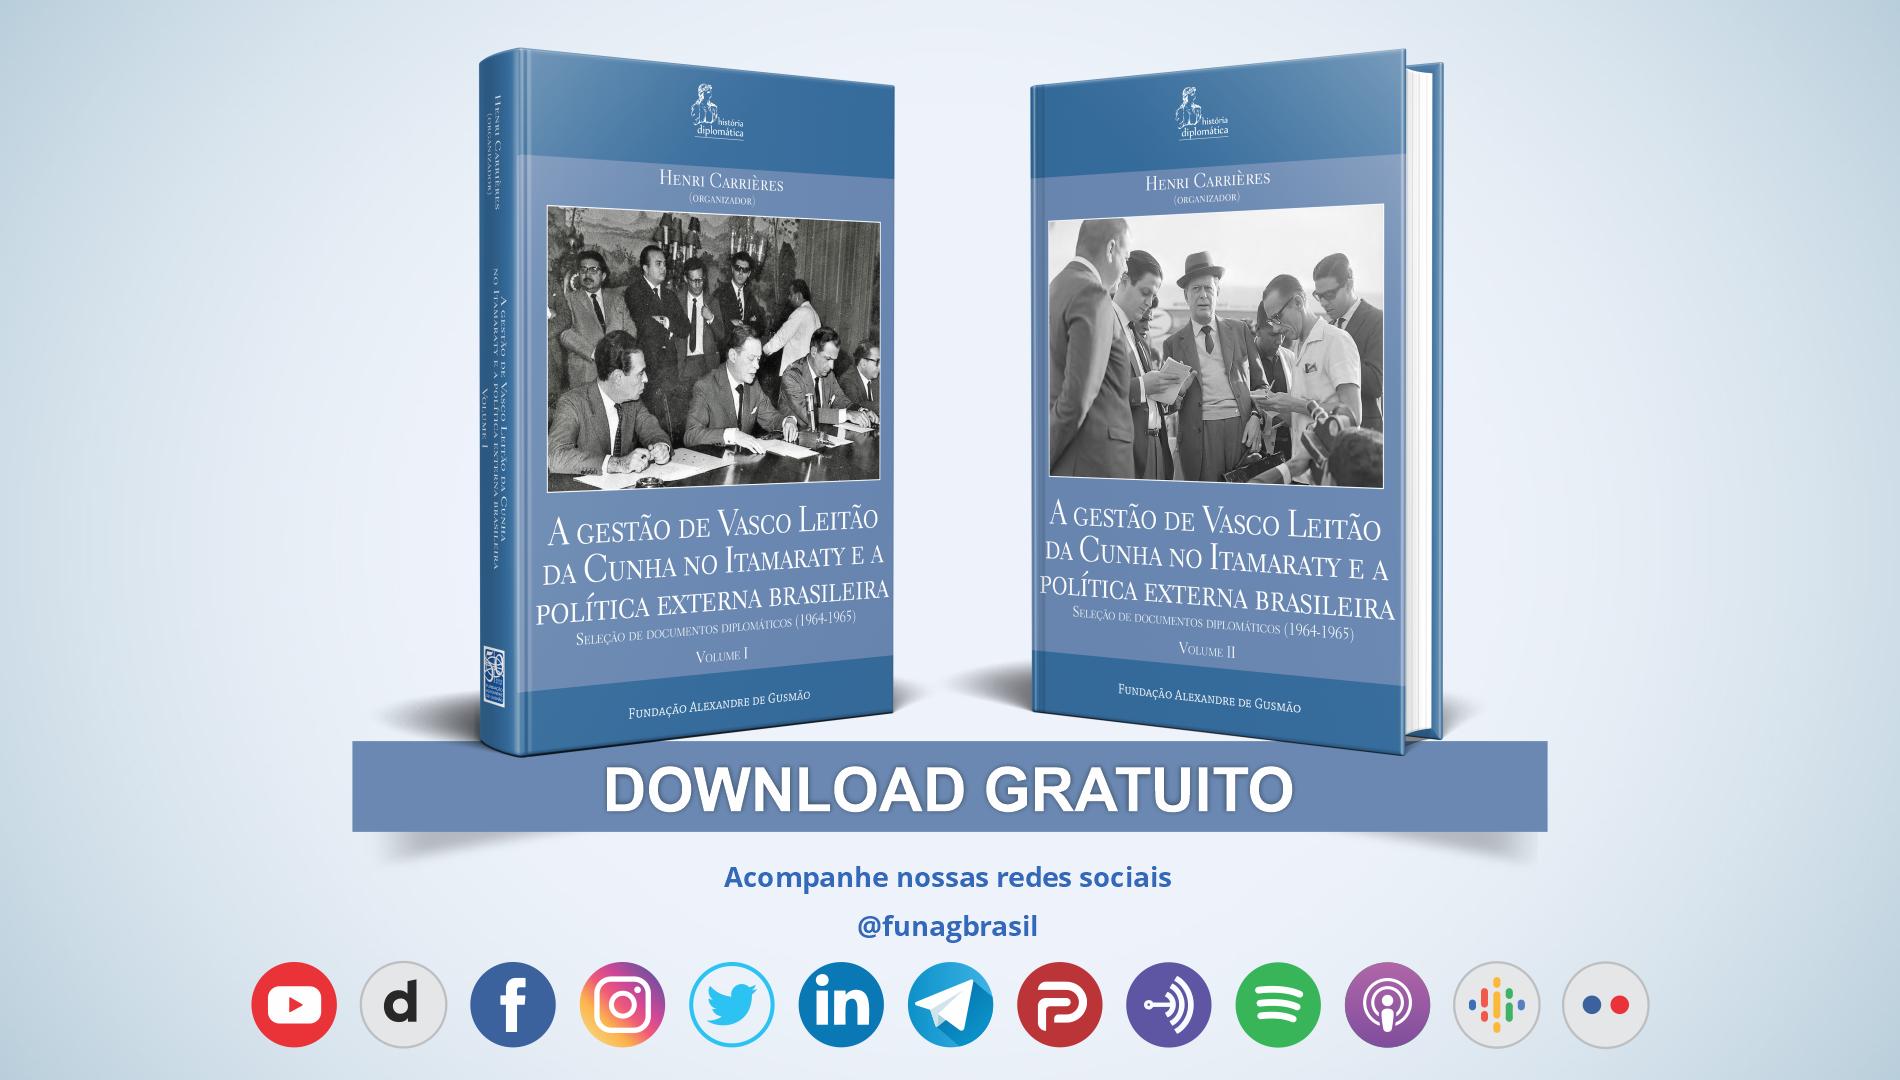 FUNAG lança obra sobre a gestão de Vasco Leitão da Cunha no Itamaraty